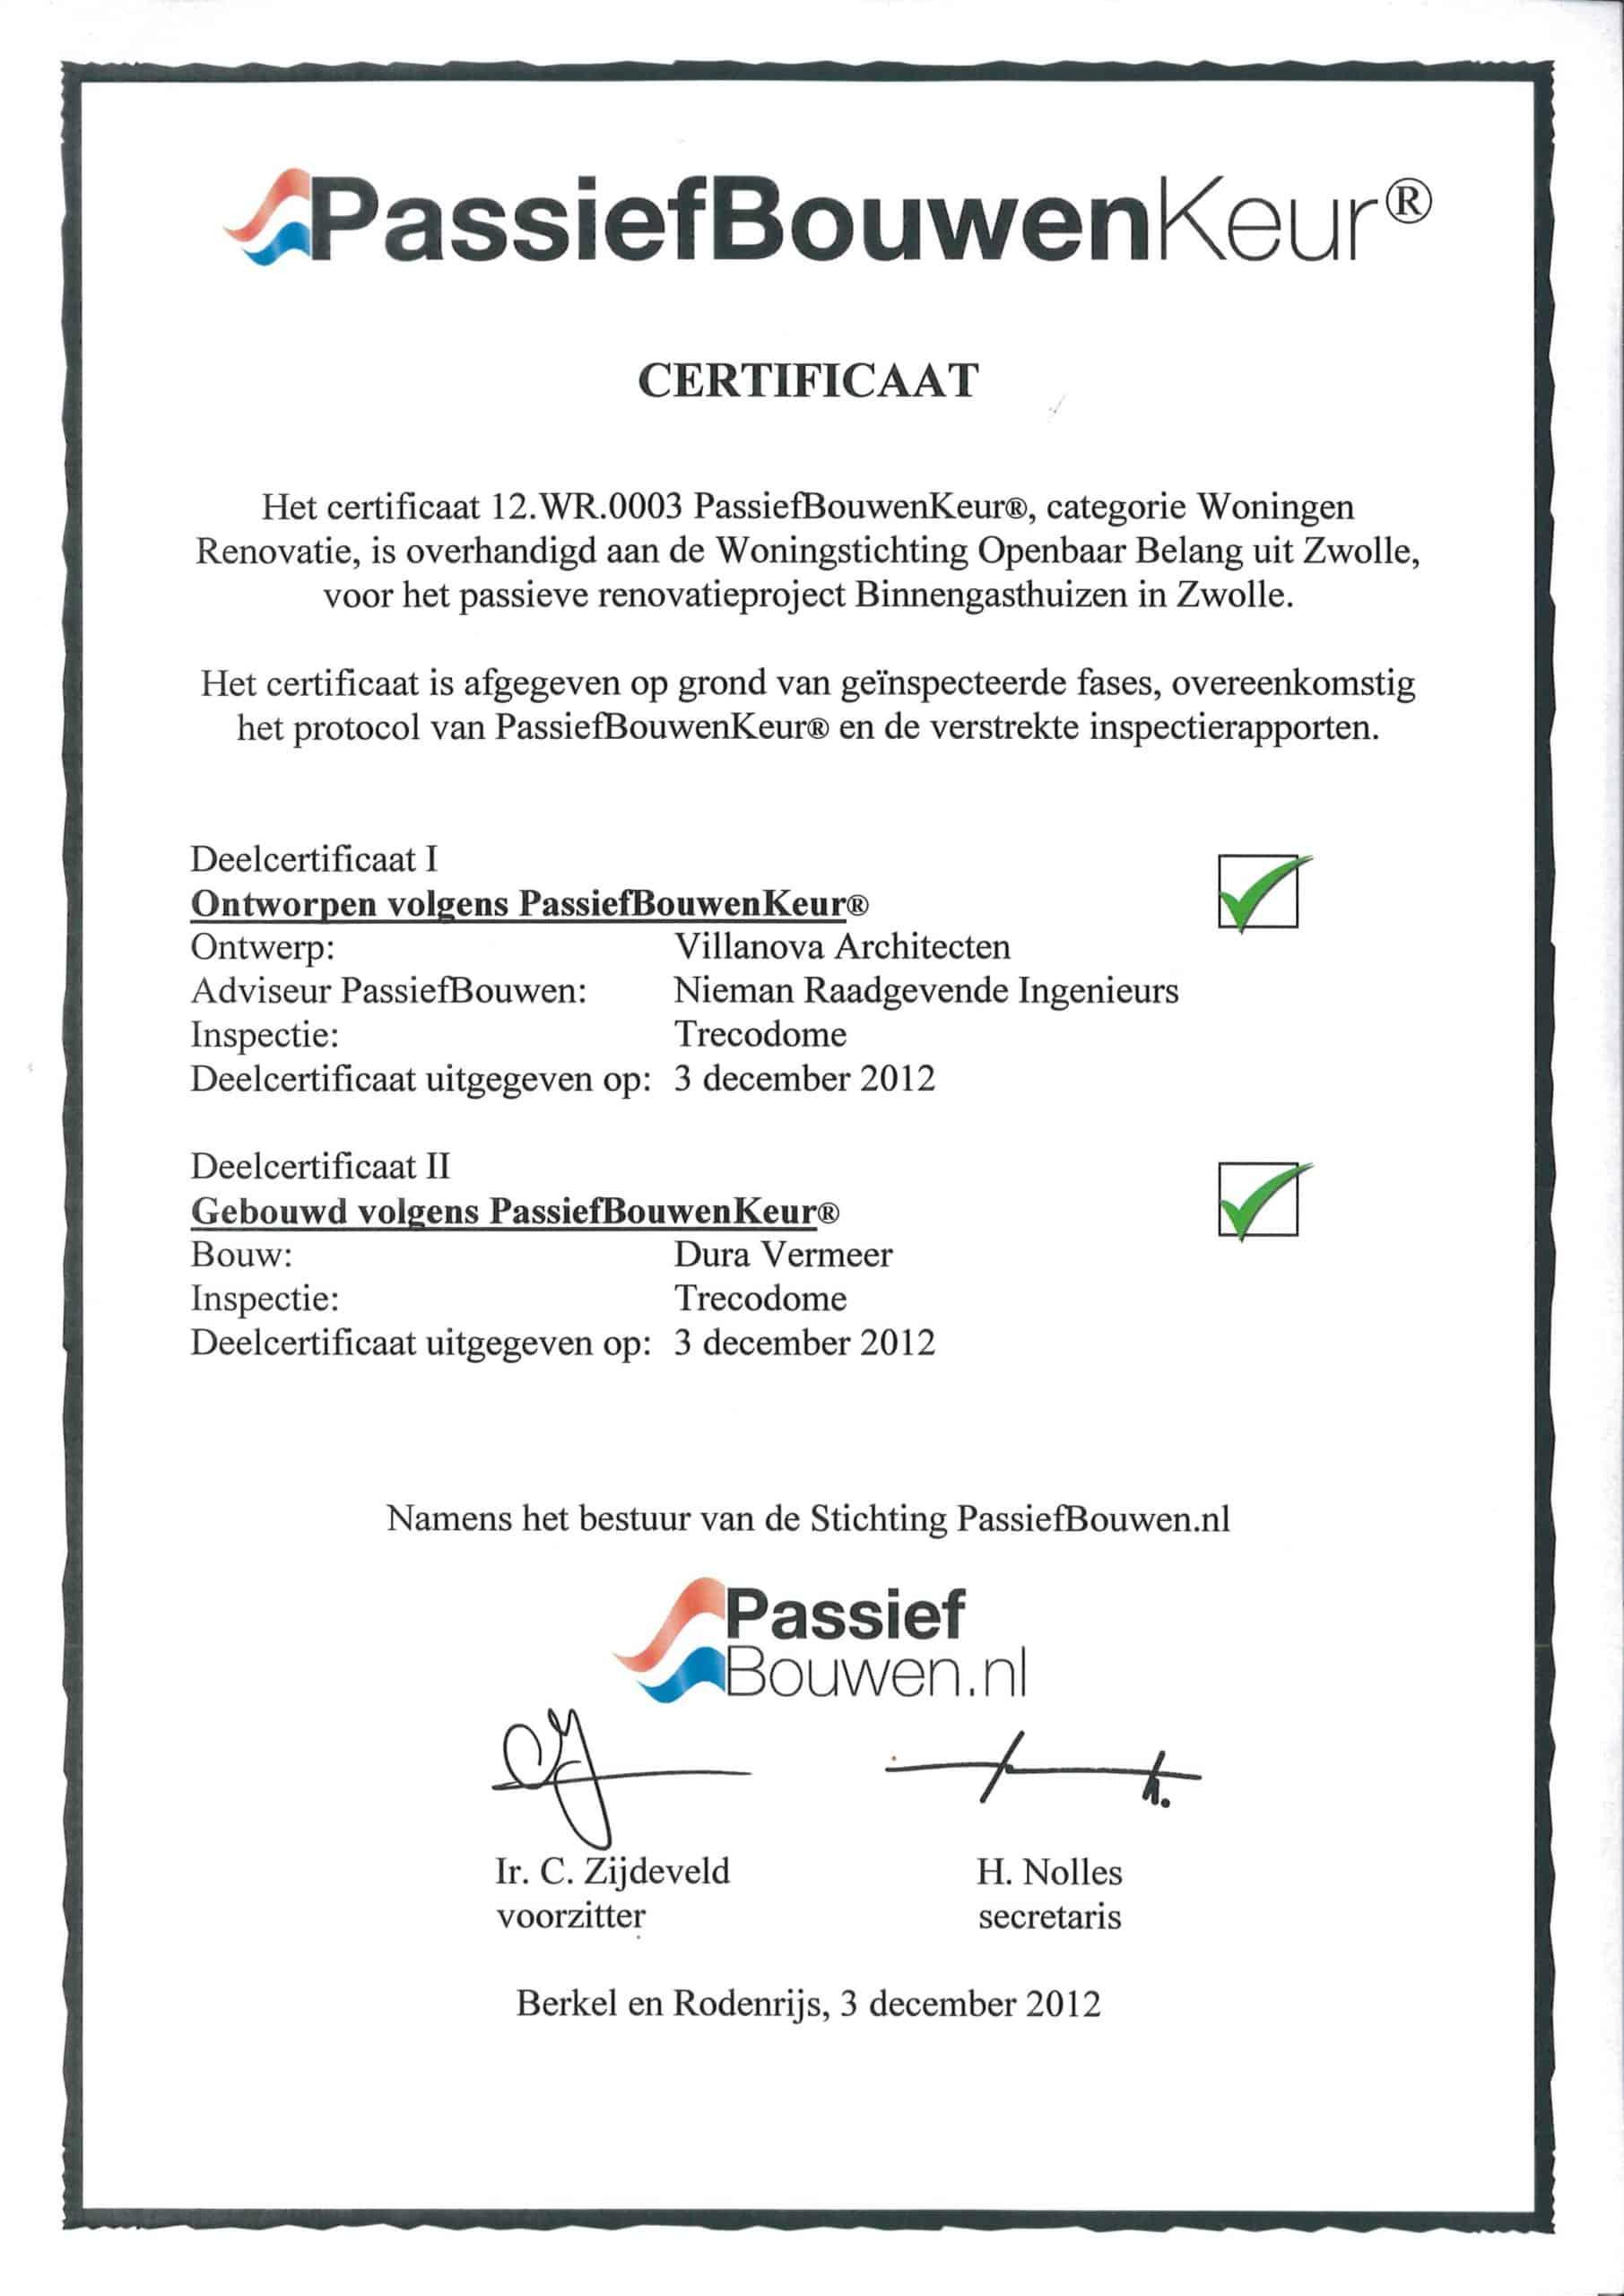 PassiefBouwenKeur-Binnengasthuizen-Zwolle-1-scaled